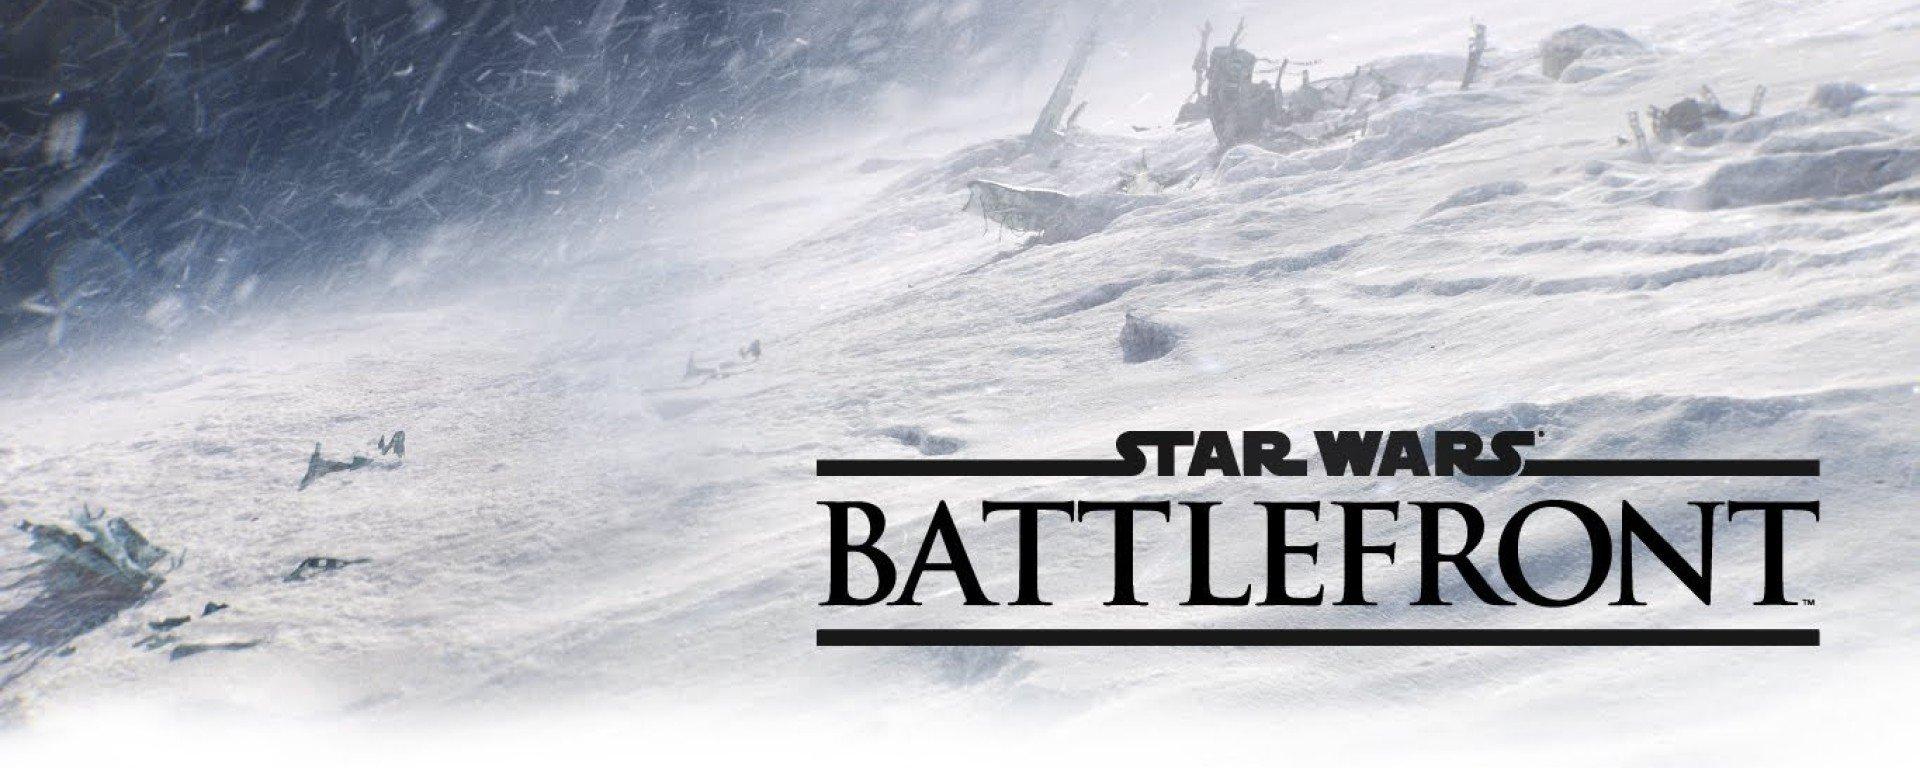 Появились минимальные системные требования Star Wars Battlefront для альфа-версии.  - Изображение 1